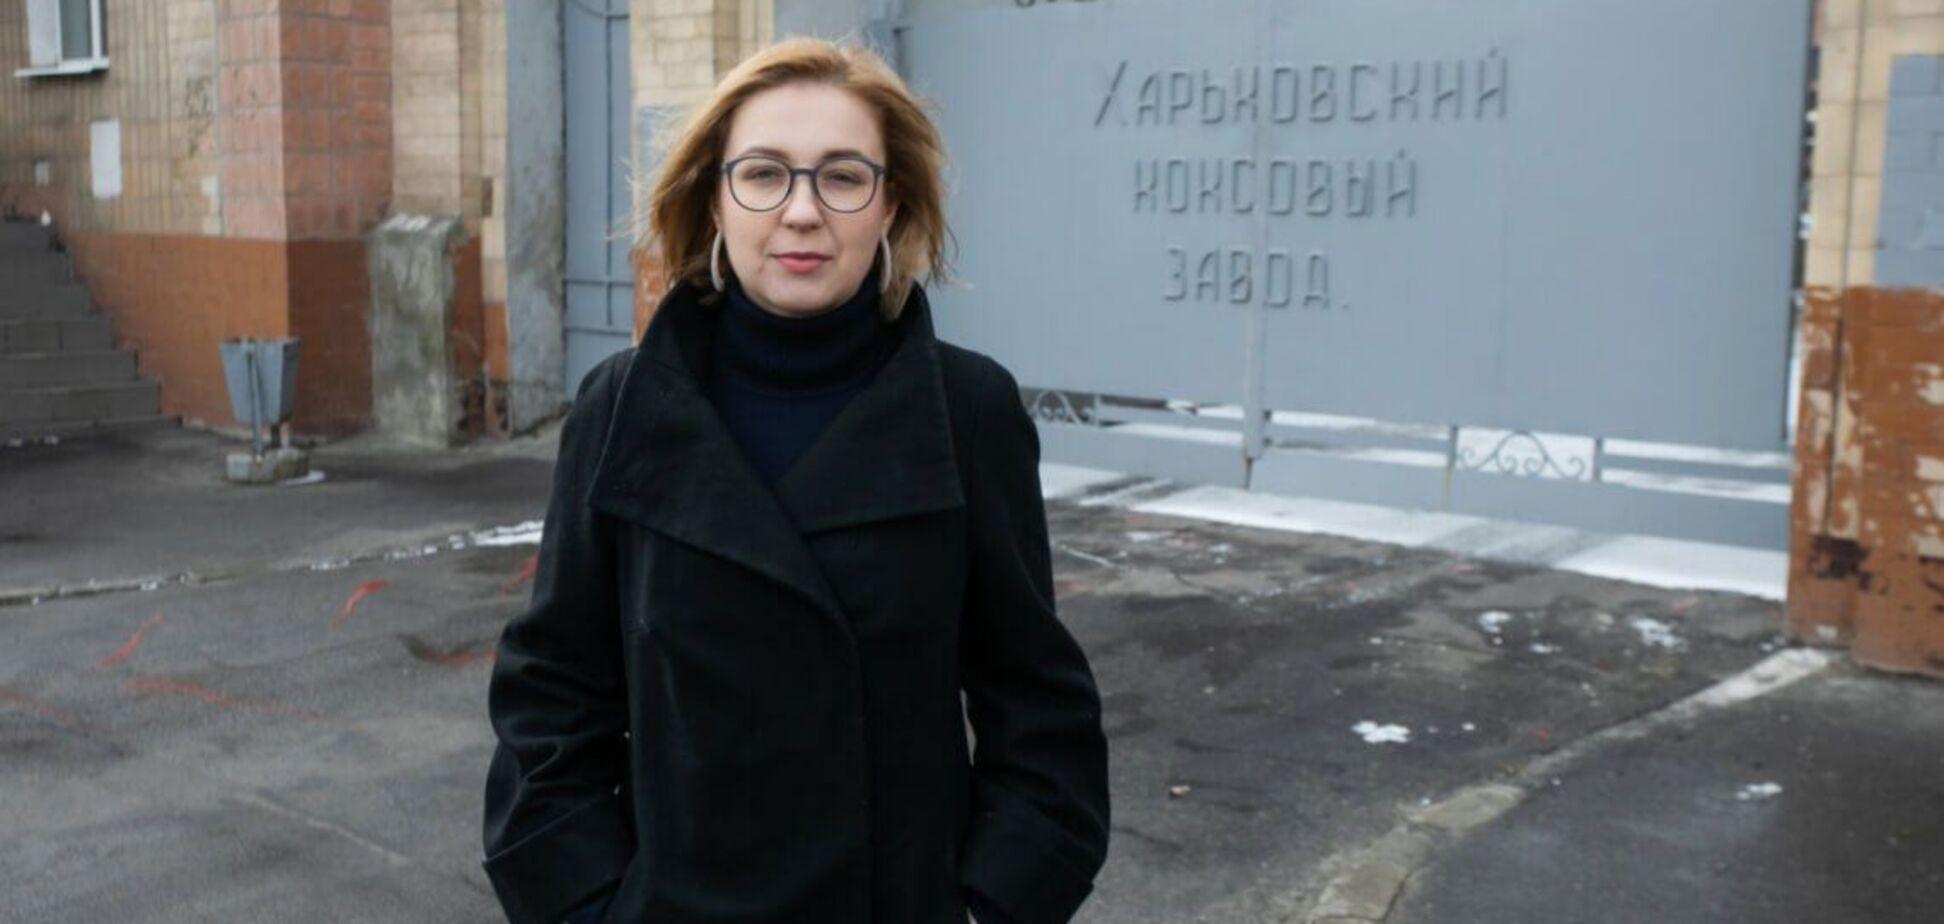 Інна Совсун, народна депутатка, заступниця голови партії «Голос»